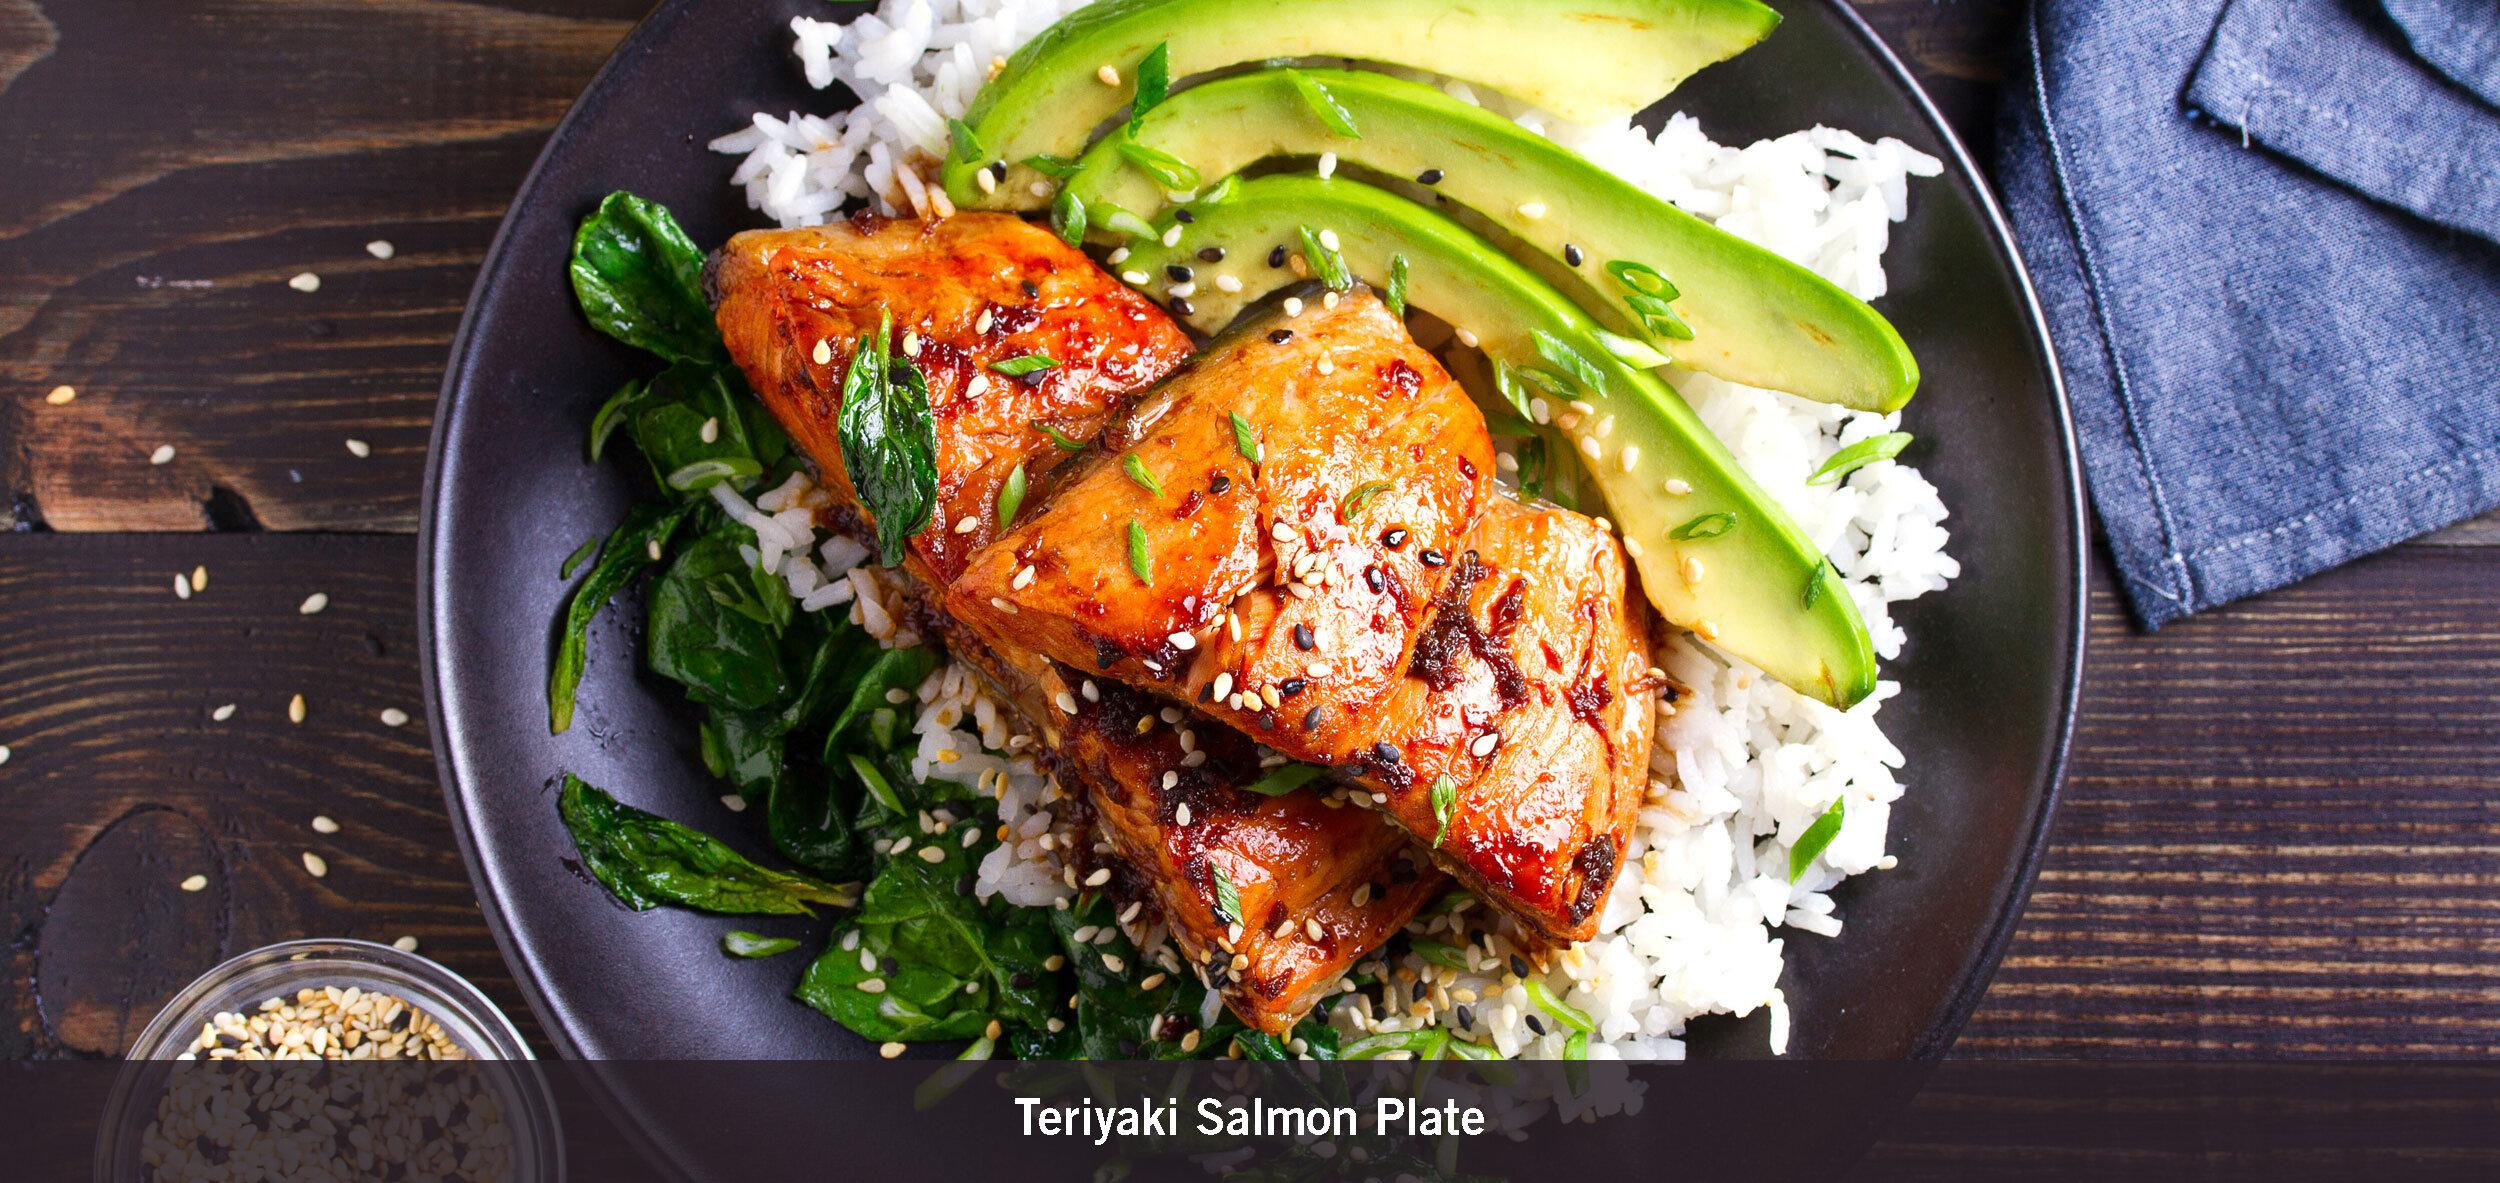 Teriyaki Salmon Plate